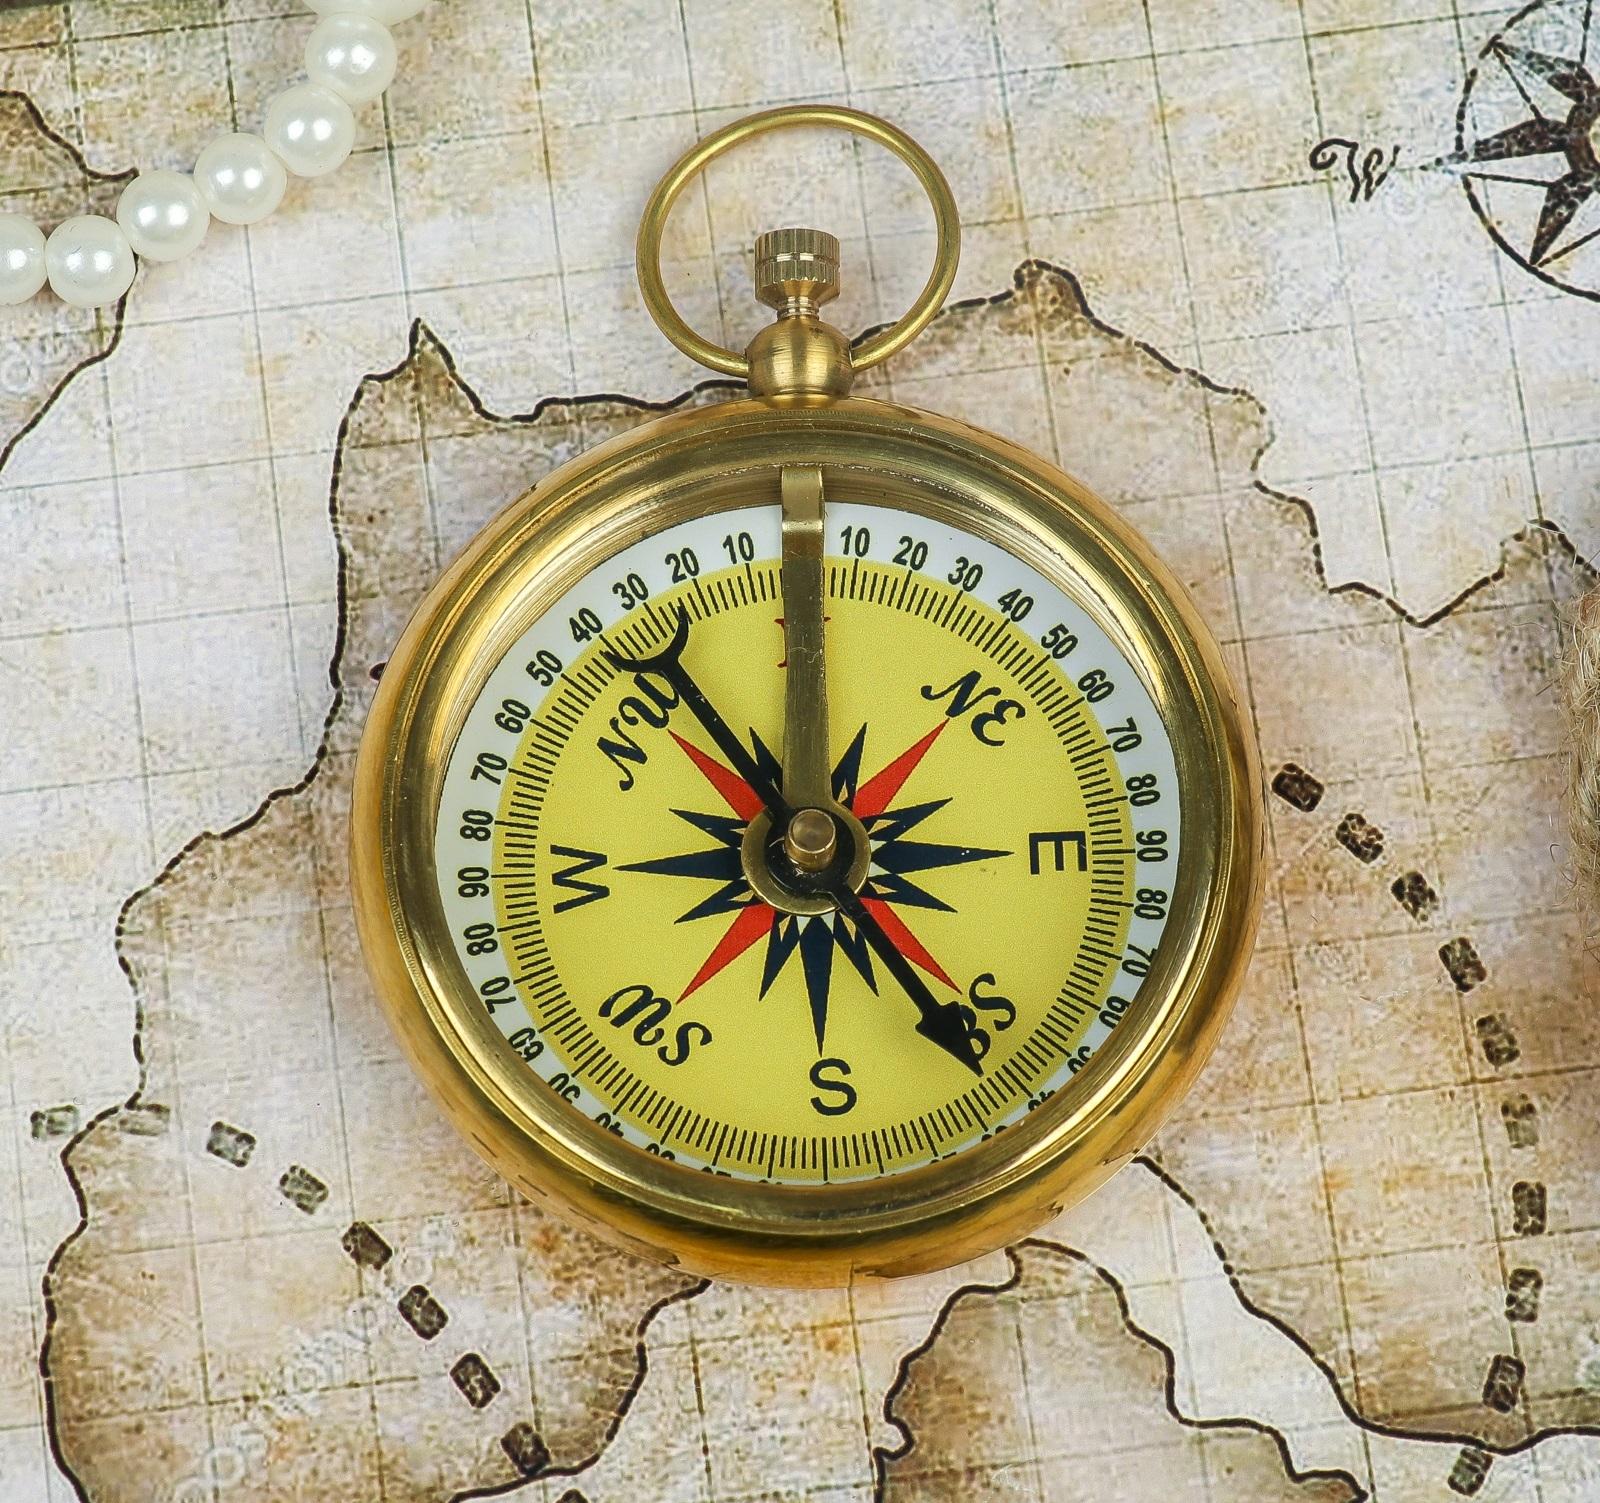 фотография компаса с подписанием сторон света общем